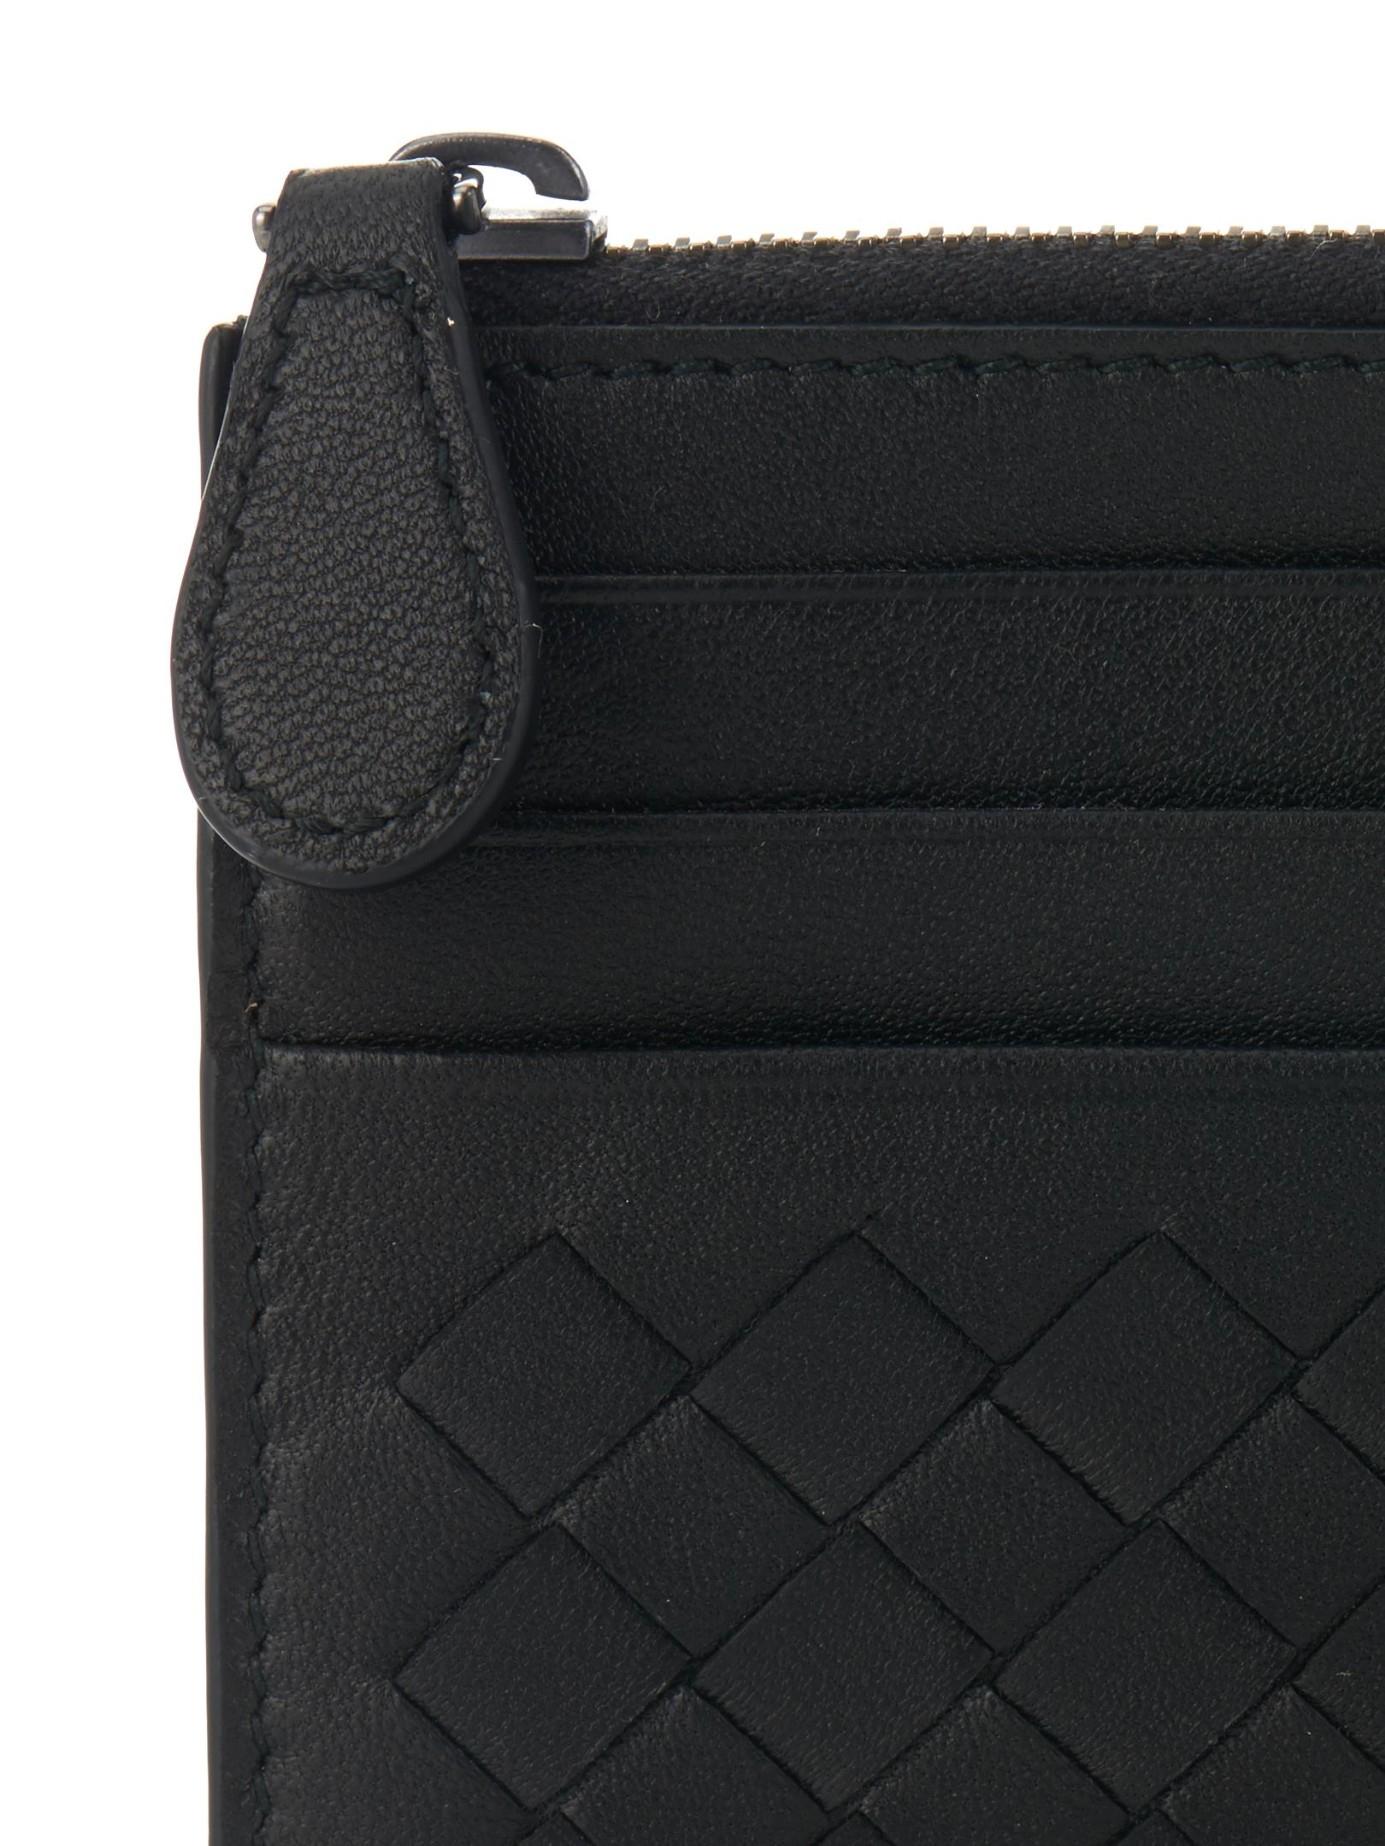 Intrecciato leather cardholder Bottega Veneta PcEdPgO2XD